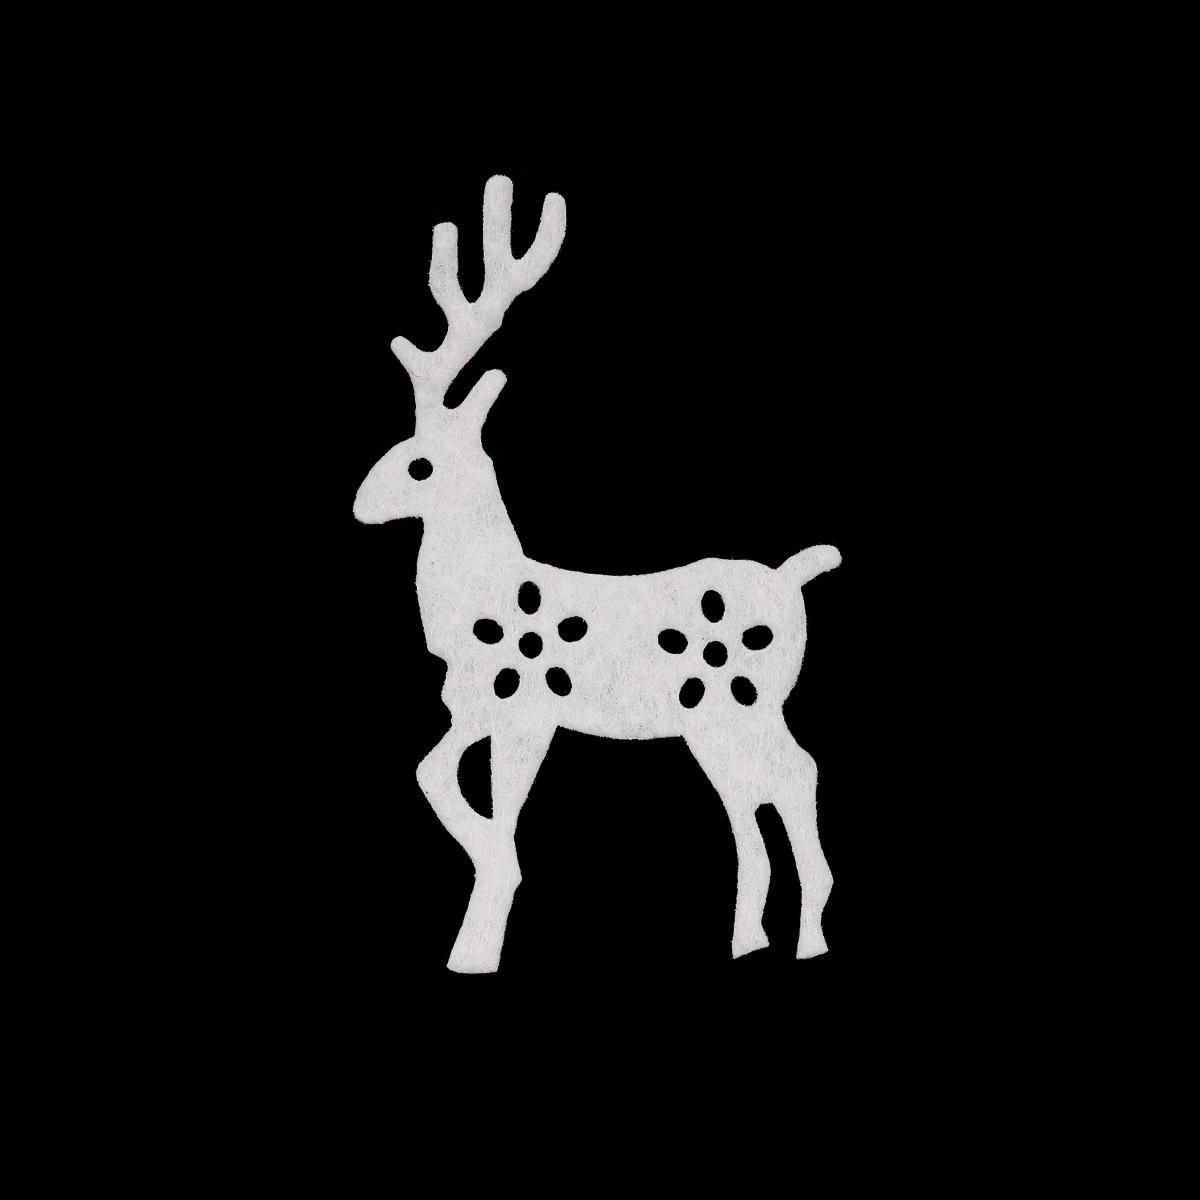 26839 Набор декоративных элементов из фетра 'Олени' , 65*40мм*0,5мм, 4шт, цв. белый